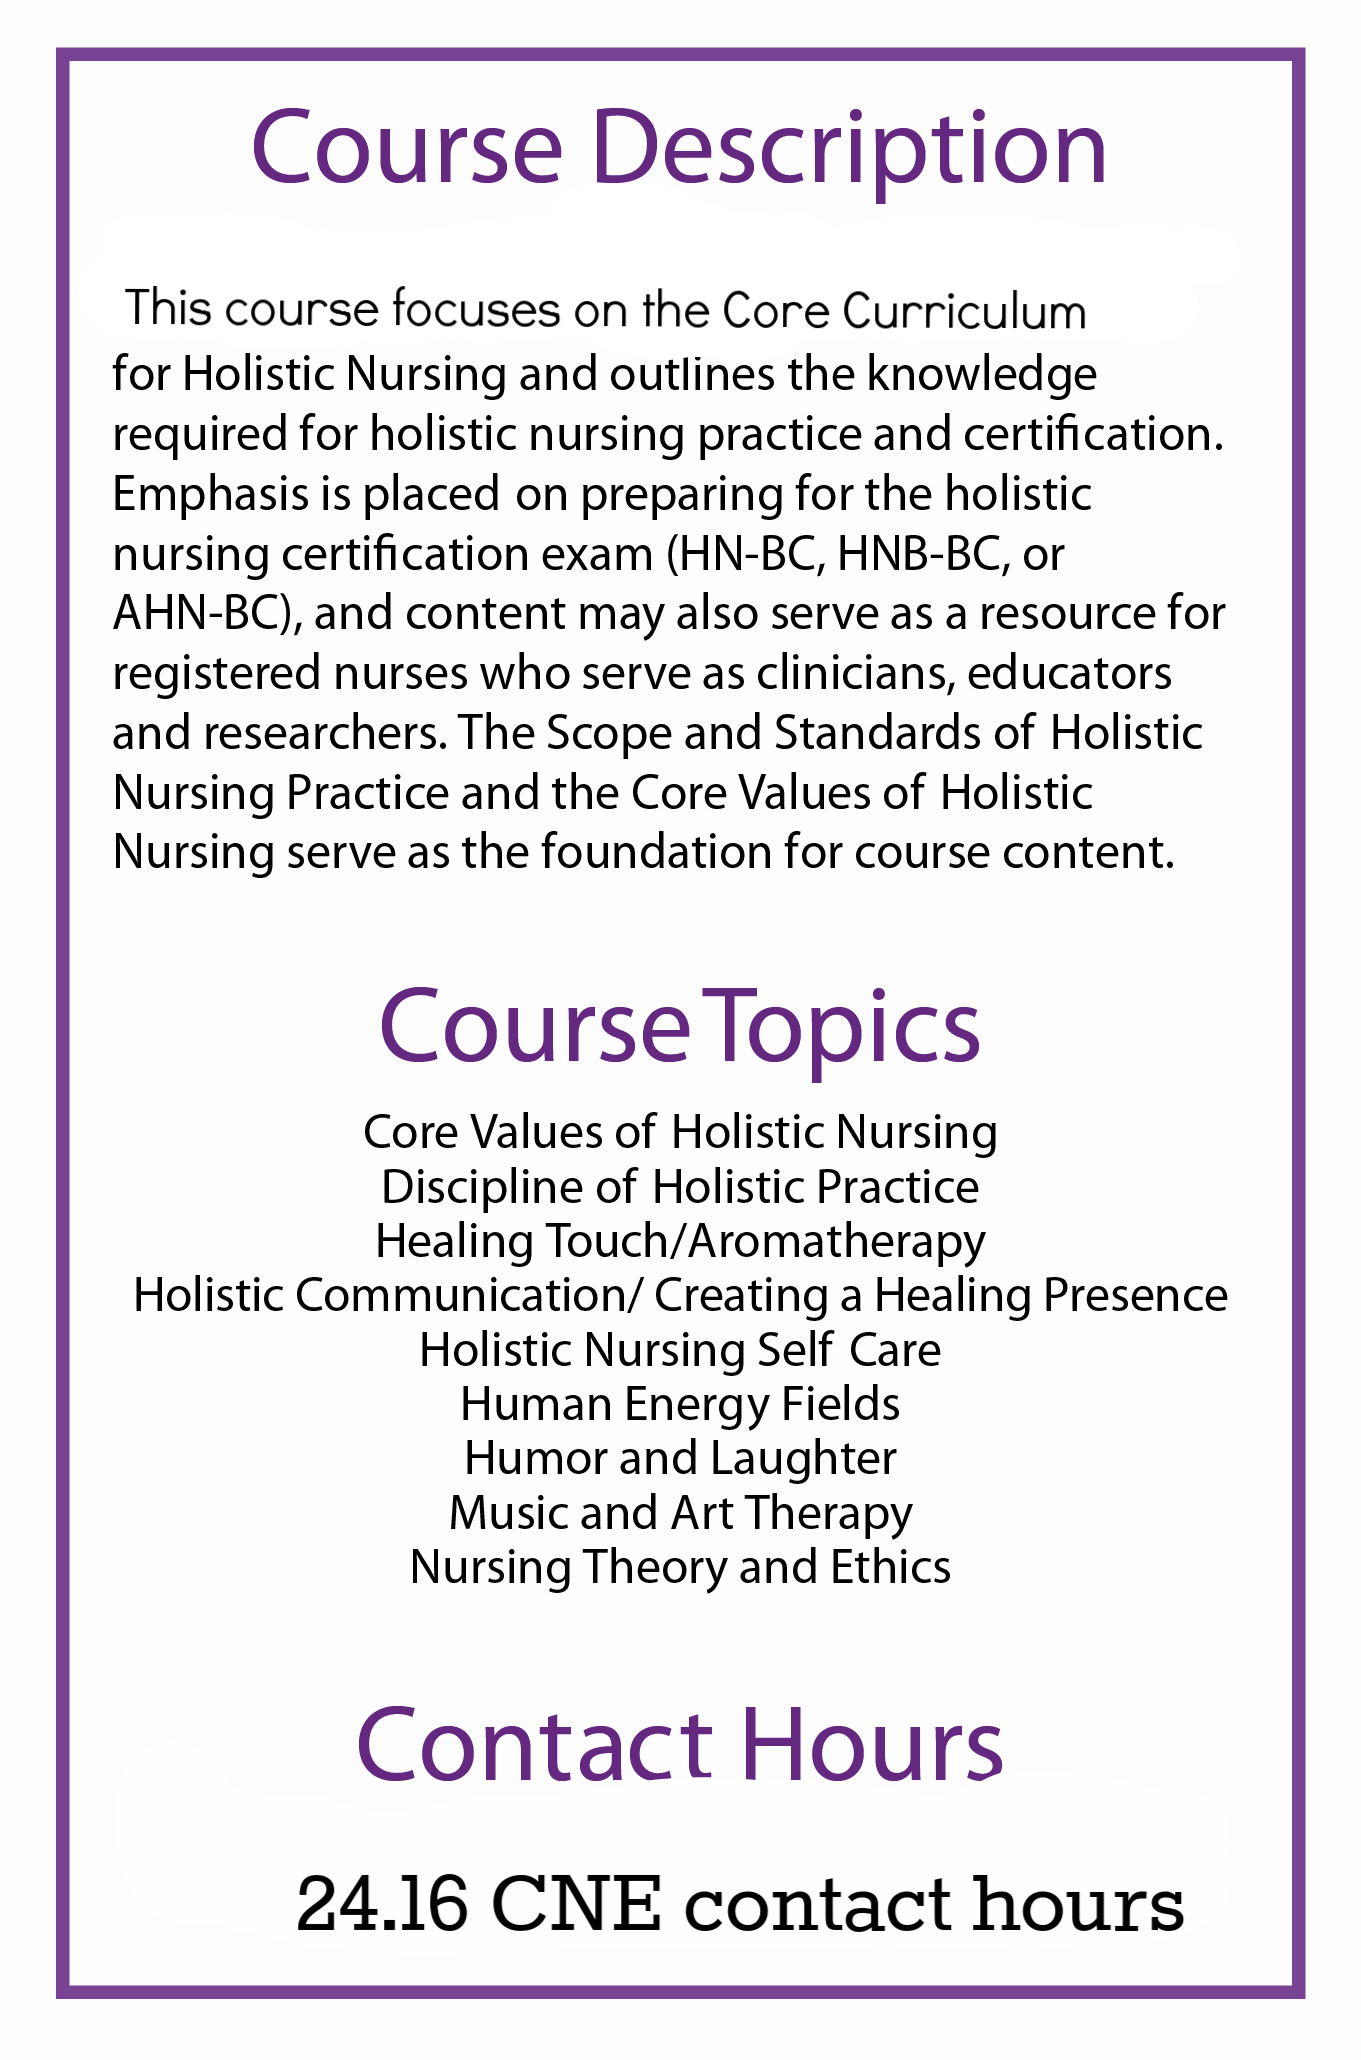 Corrected Course Description